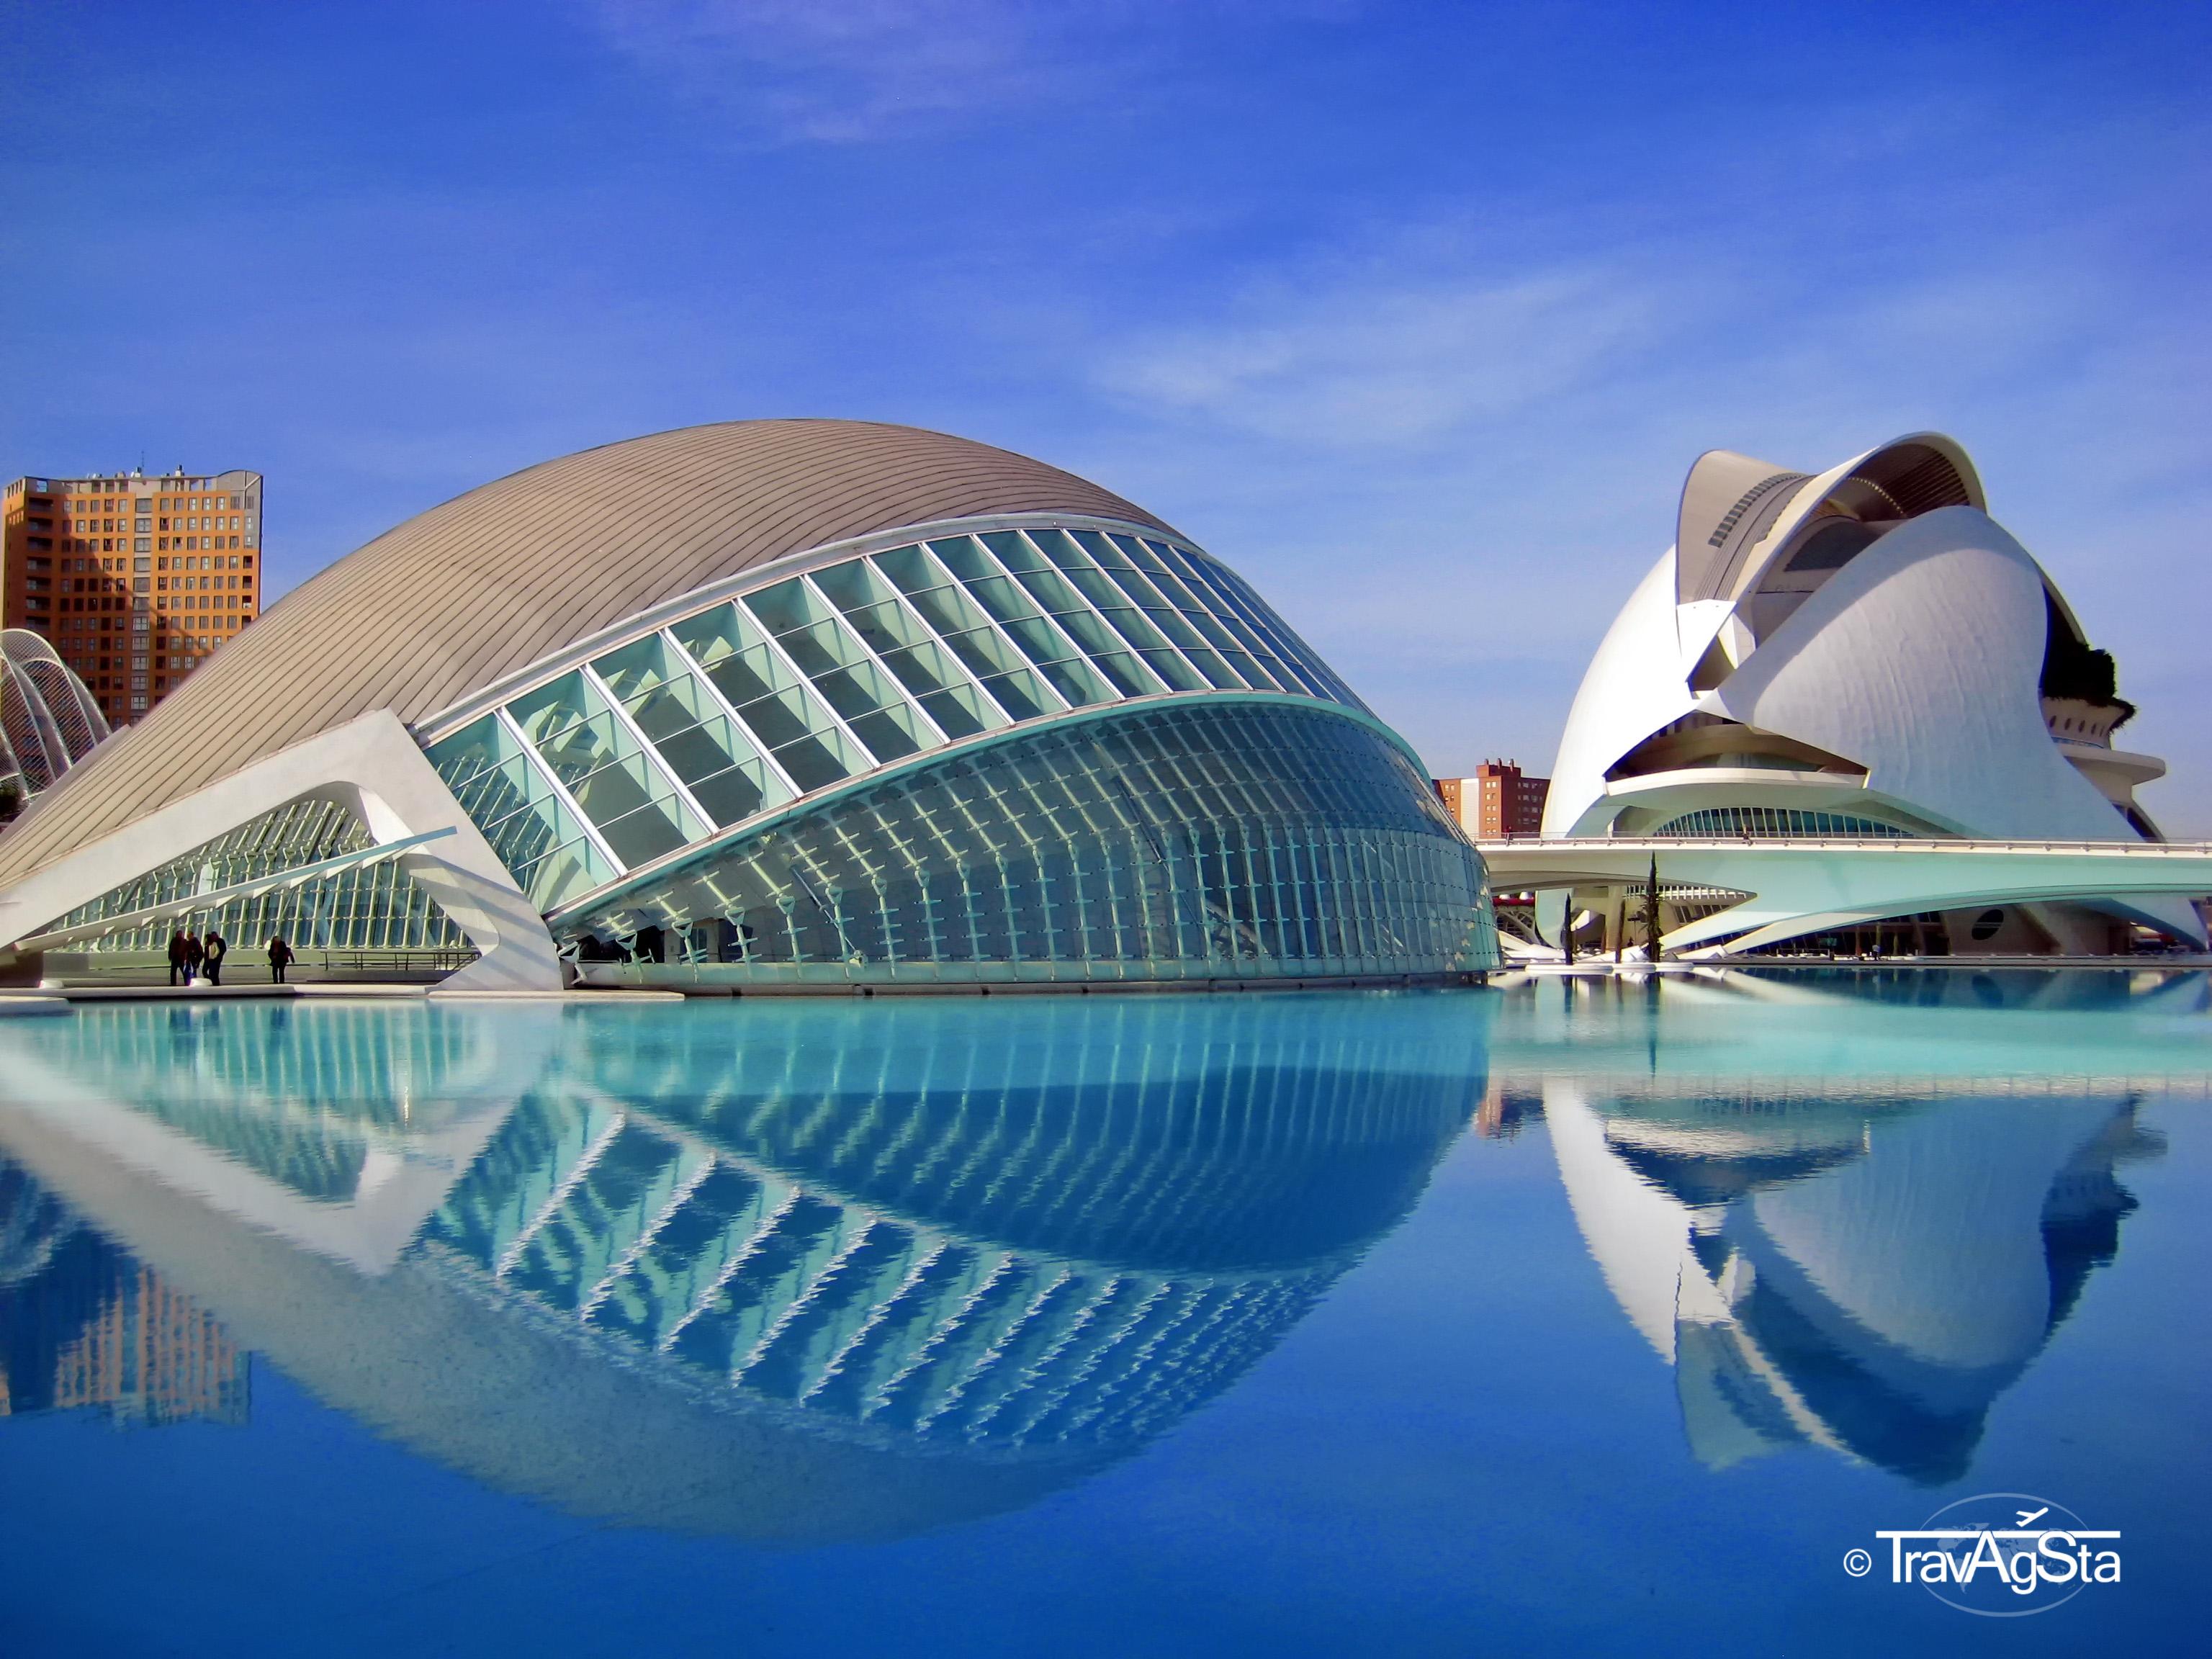 Valencia – So much more than Paella!